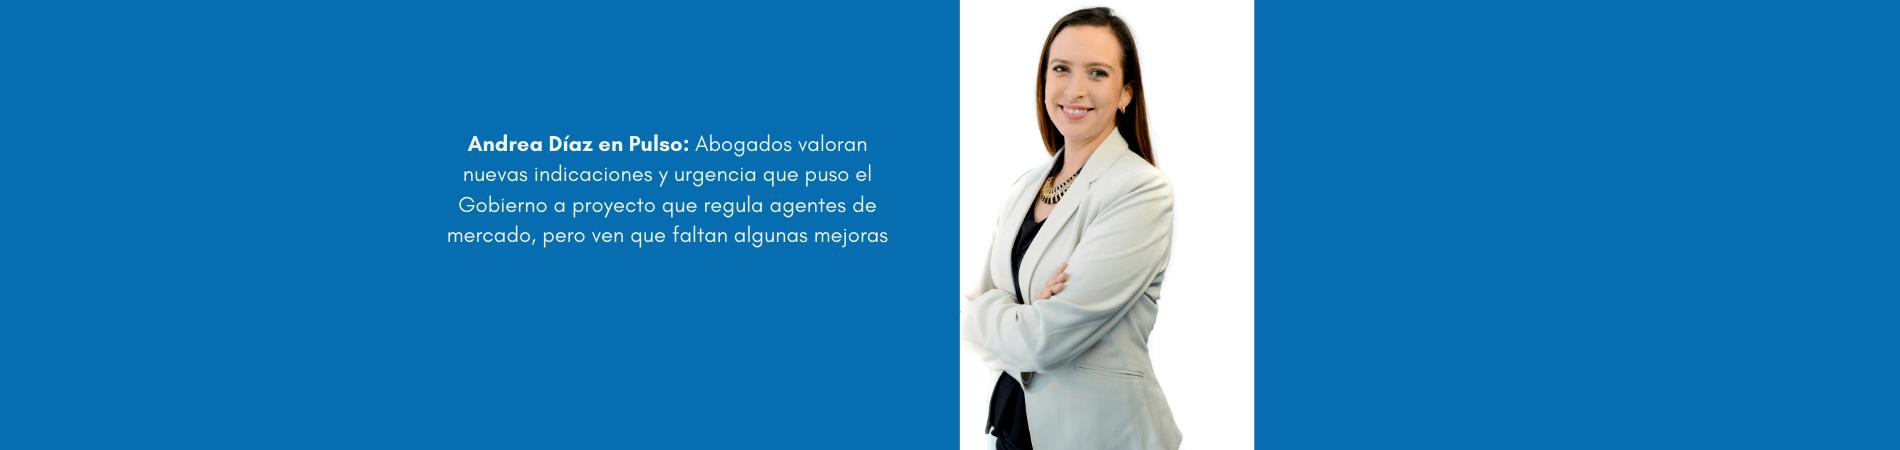 Andrea Díaz en Pulso – Abogados valoran nuevas indicaciones y urgencia que puso el gobierno a proyecto que regula agentes de mercado, pero ven que faltan algunas mejoras